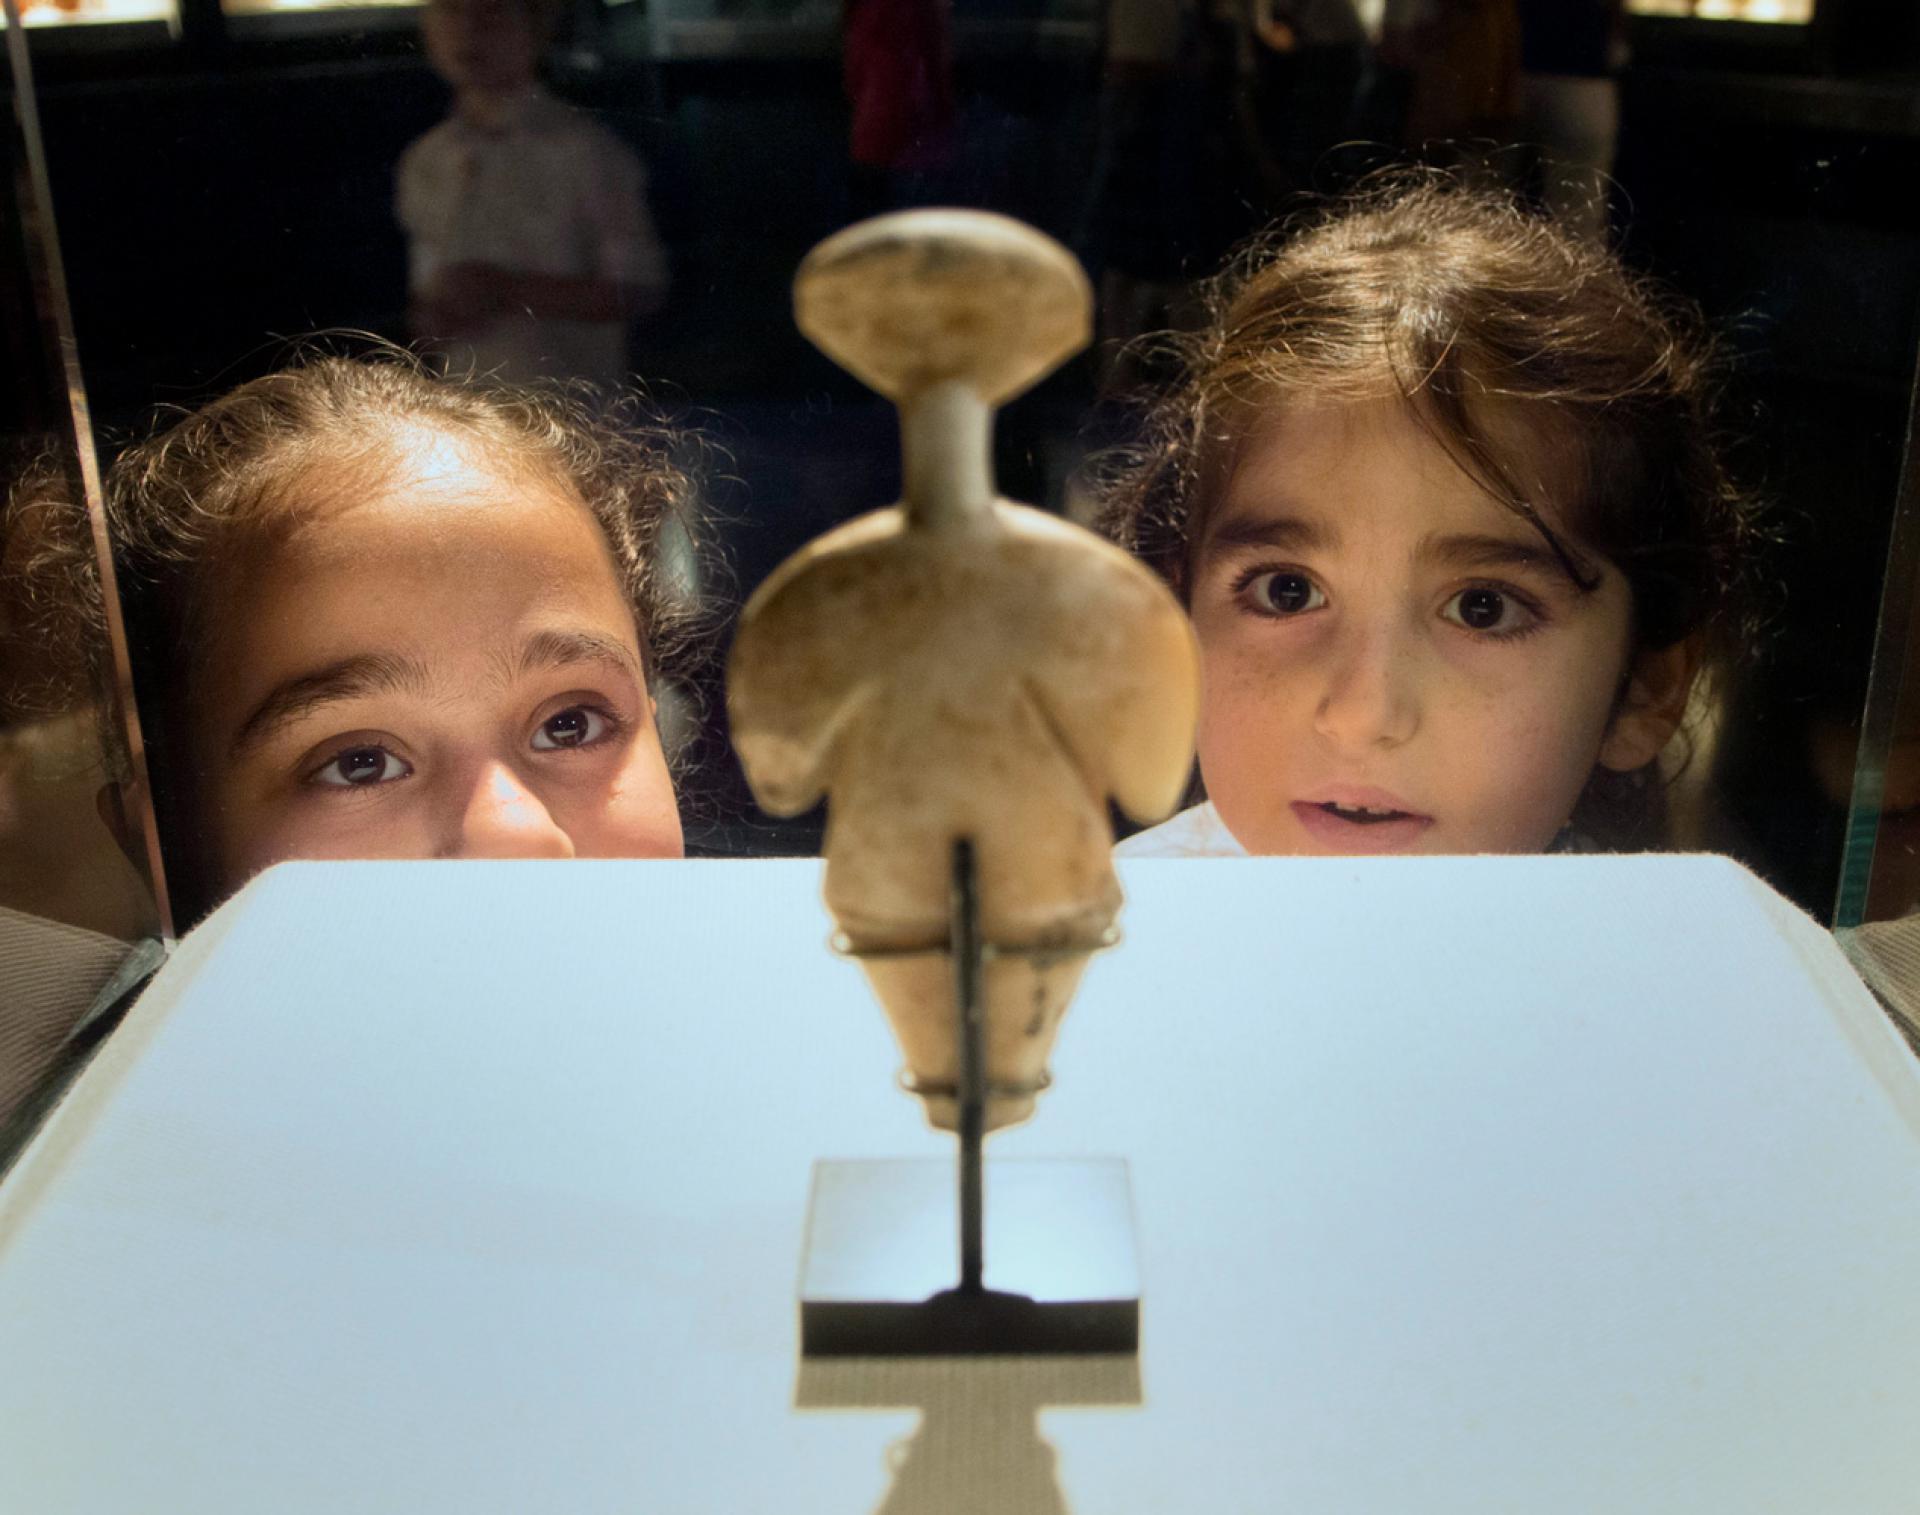 4-6 yaş - EĞİTİM ve AKTİVİTELER - Sadberk Hanım Müzesi